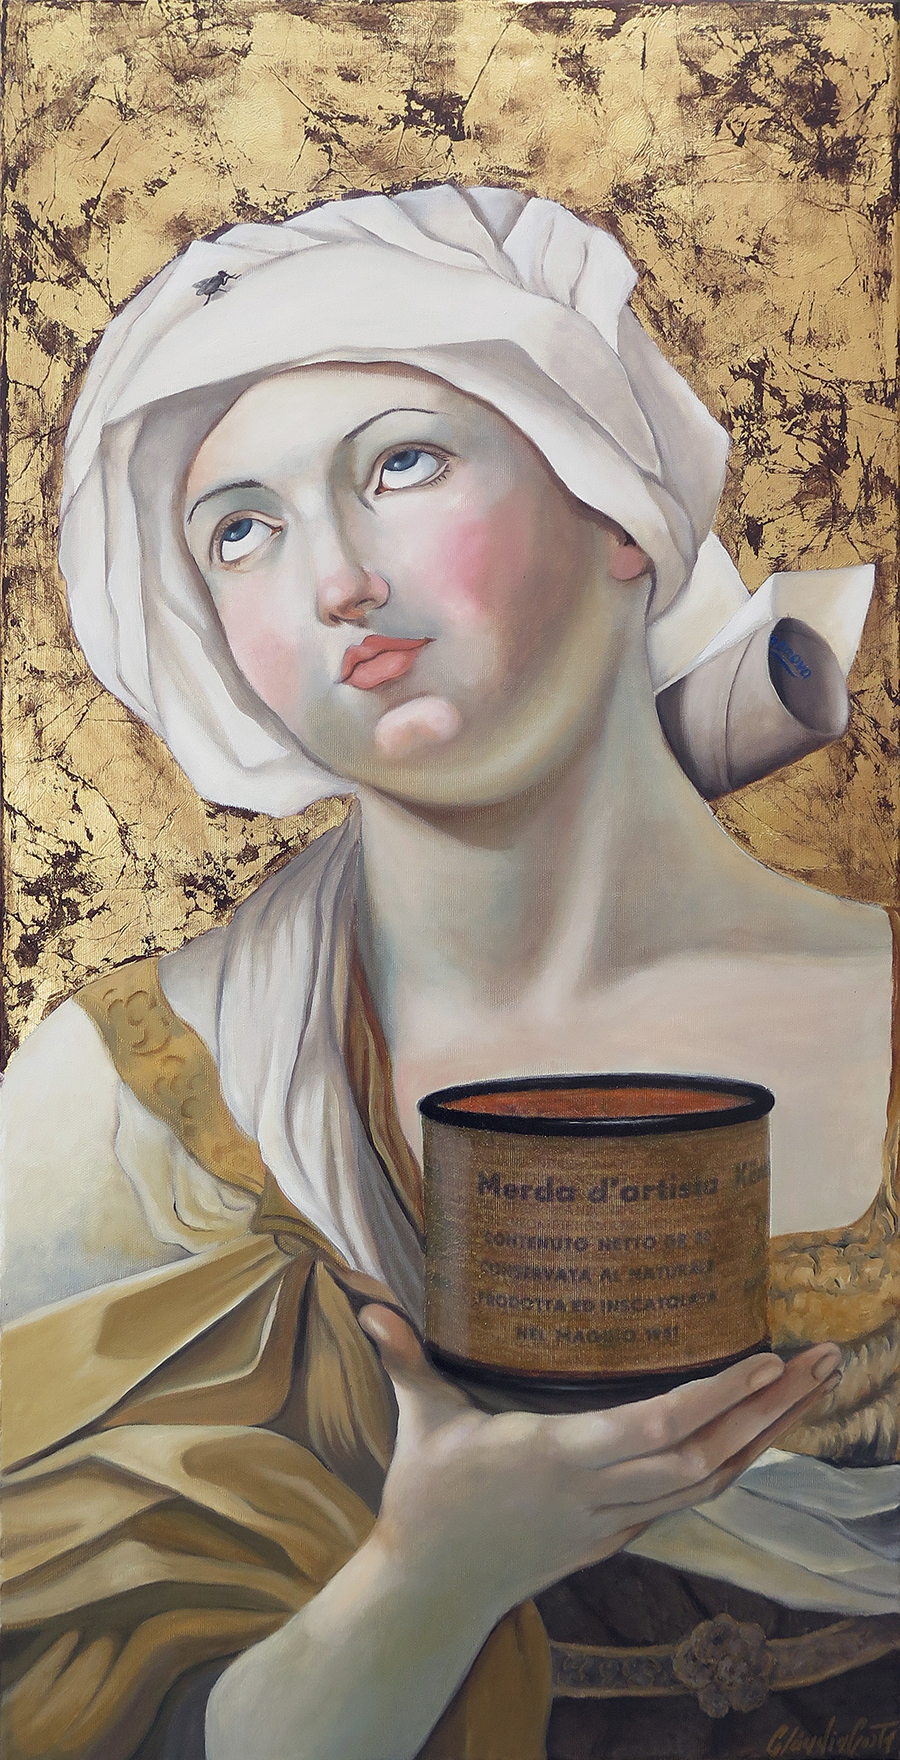 Dialogo-escatologico-de-Guido-Reni-e-Piero-Manzoni-tecnica-mista-sobre-tela-100-x-50-cm